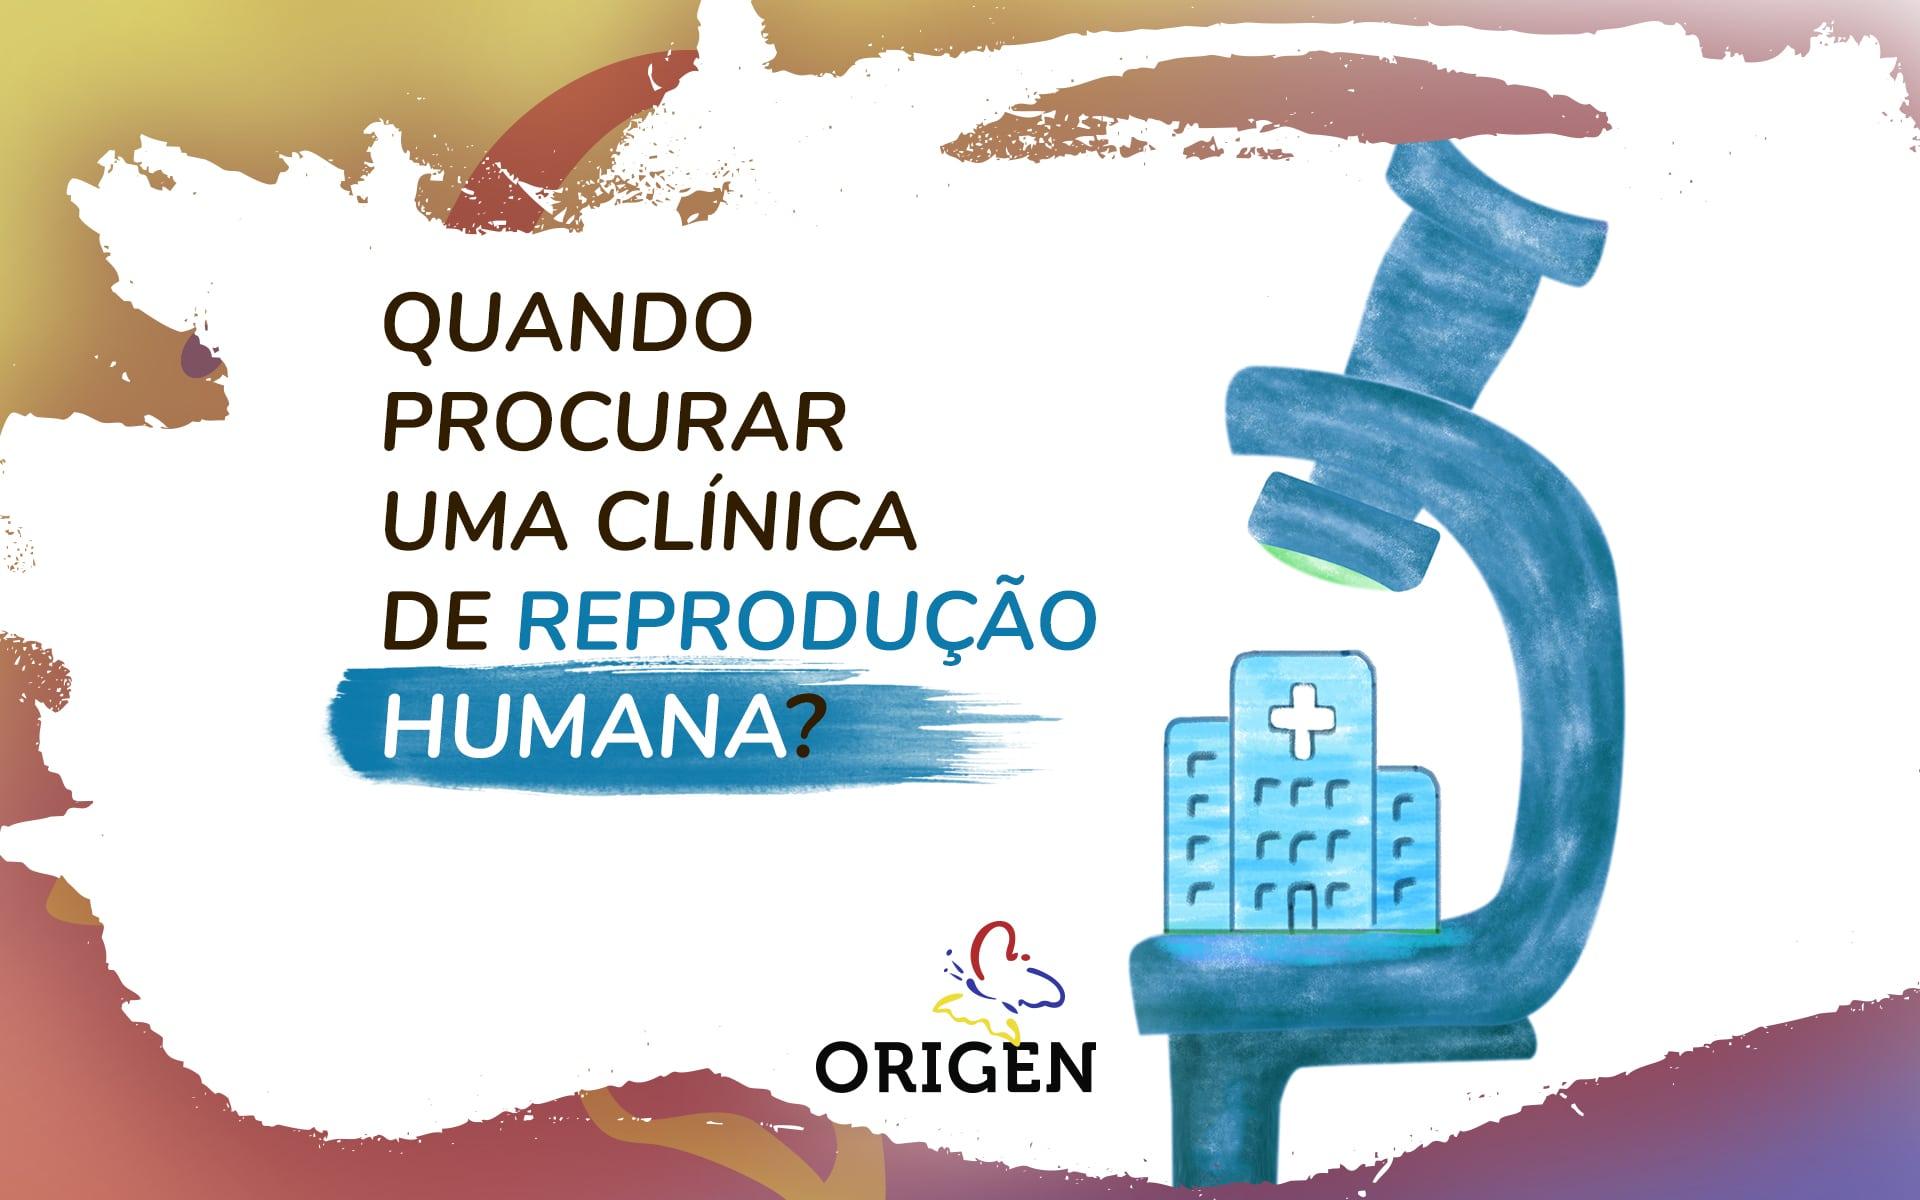 Quando procurar uma clínica de reprodução humana?